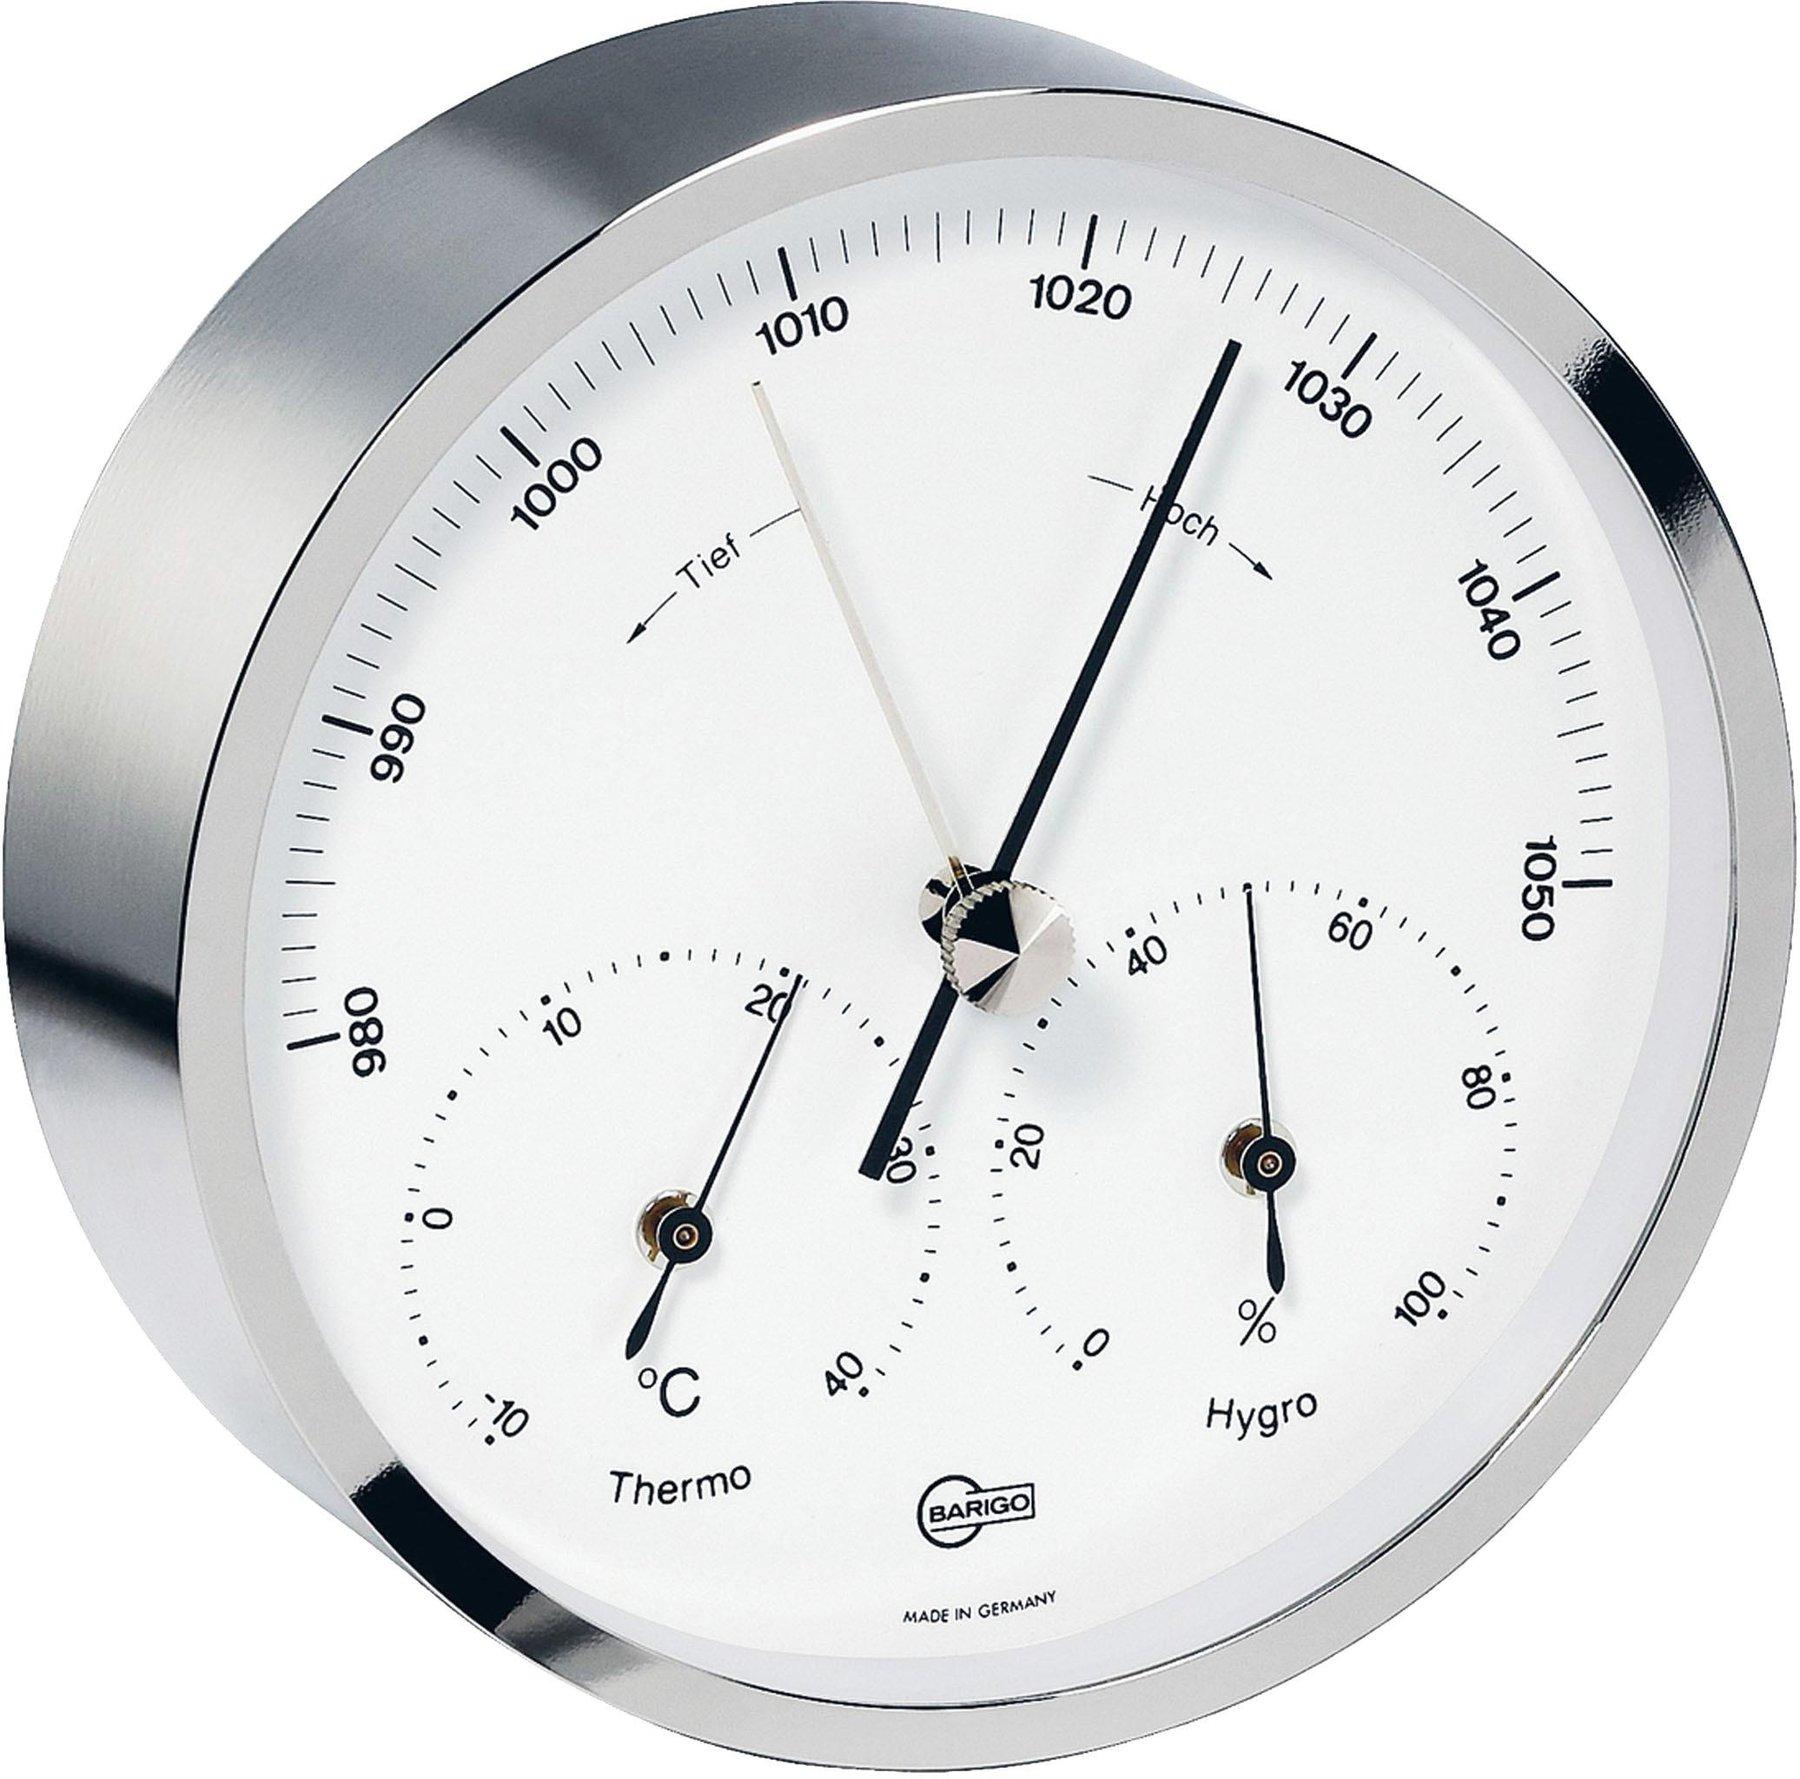 Barigo hochwertige maritime Wetterstation mit Barometer Thermometer Hygrometer Bootsport Bootsteile & Zubehör